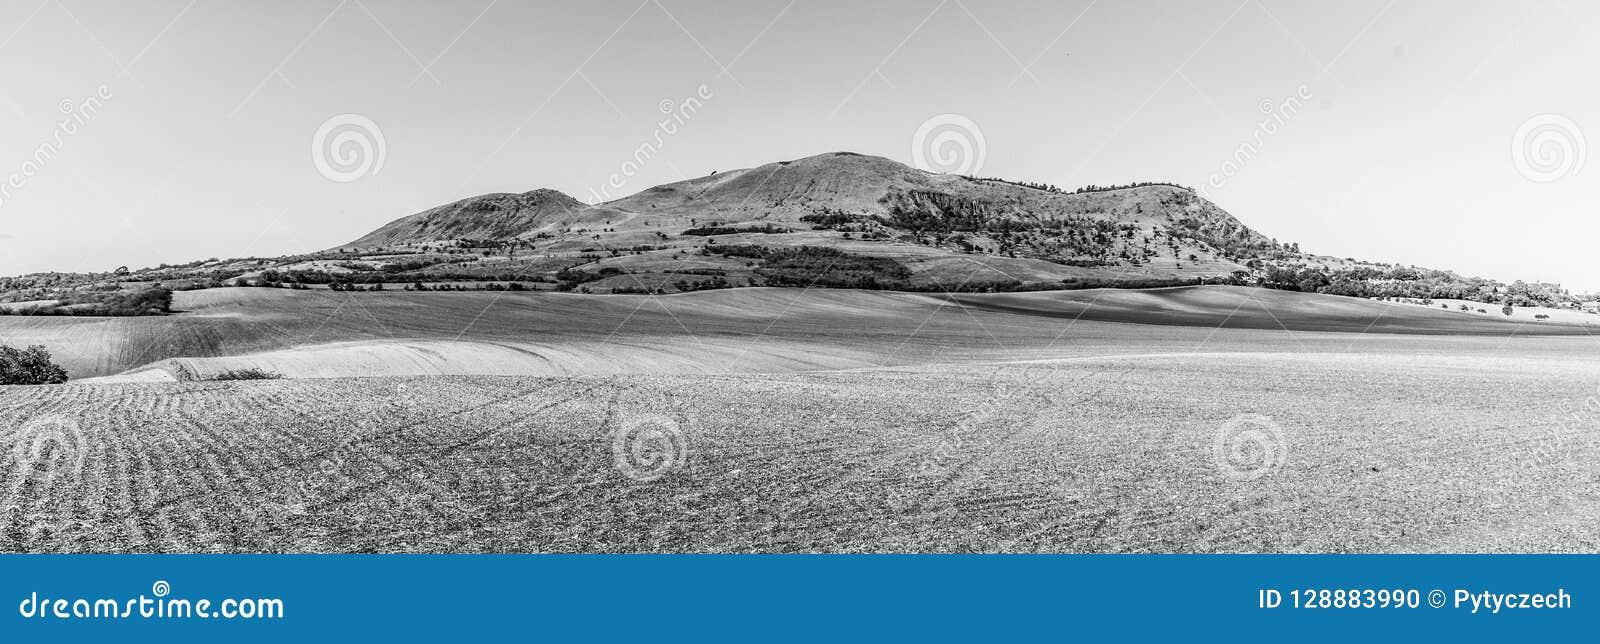 Rana Mountain perto de Louny em montanhas boêmias centrais no dia de verão ensolarado, República Checa Vista panorâmico